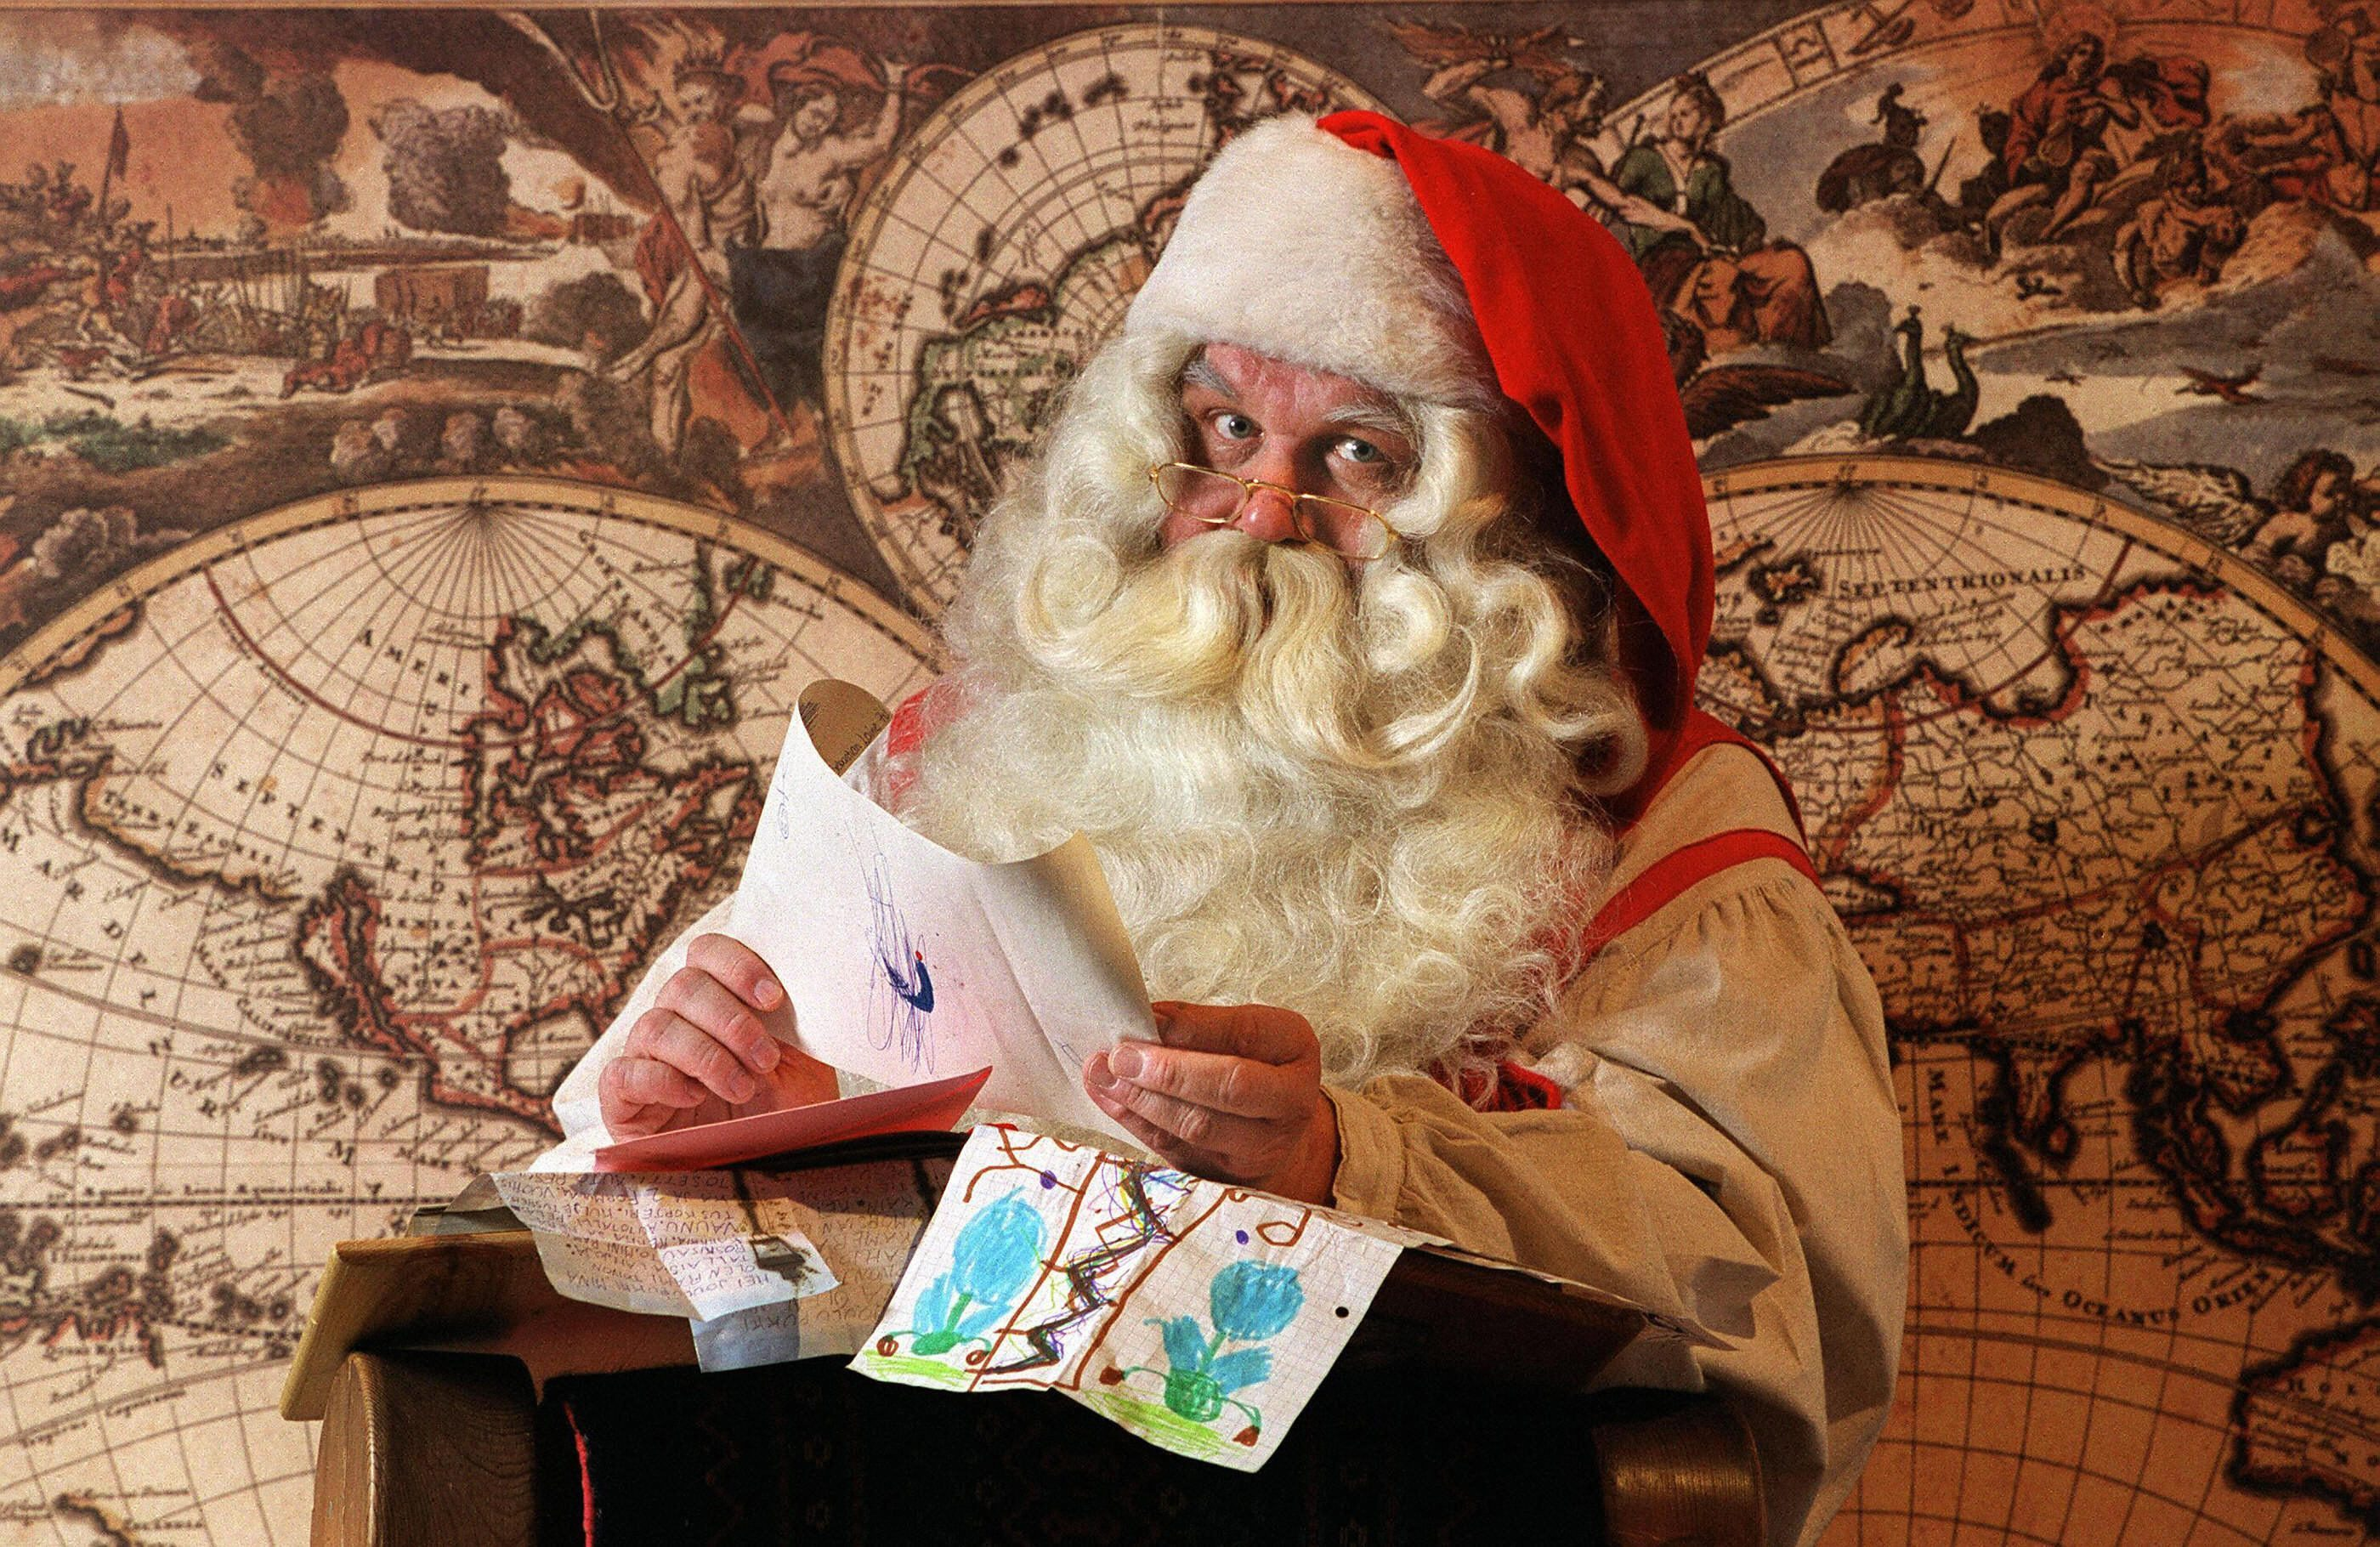 Esiste Babbo Natale Si O No.Babbo Natale Esiste Veramente Meglio Non Chiederlo A Google